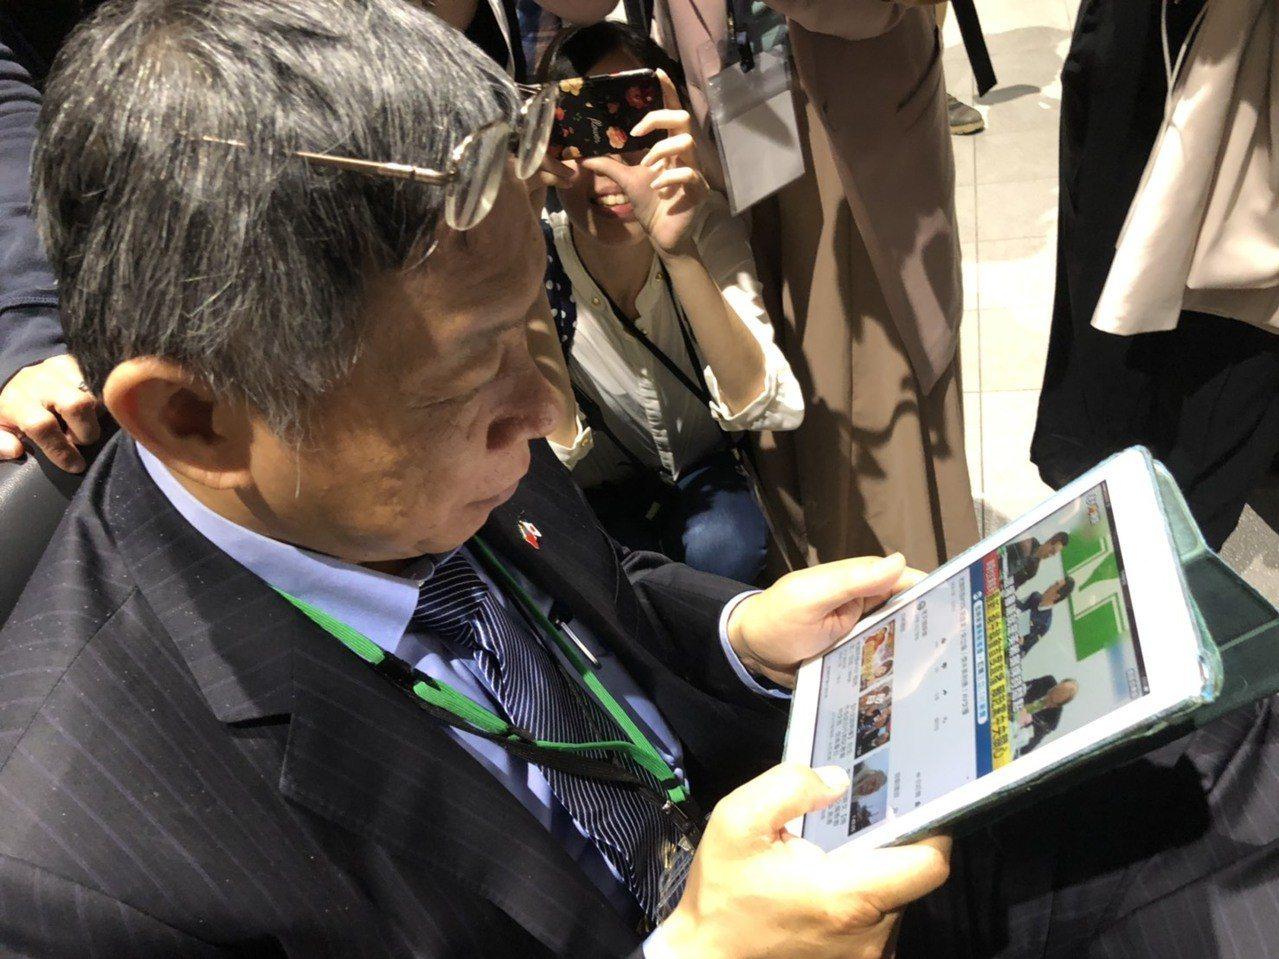 台北市長柯文哲趁著候車的空擋,就拿出平板電腦猛看,不是在看資料,就是在看新聞,除...